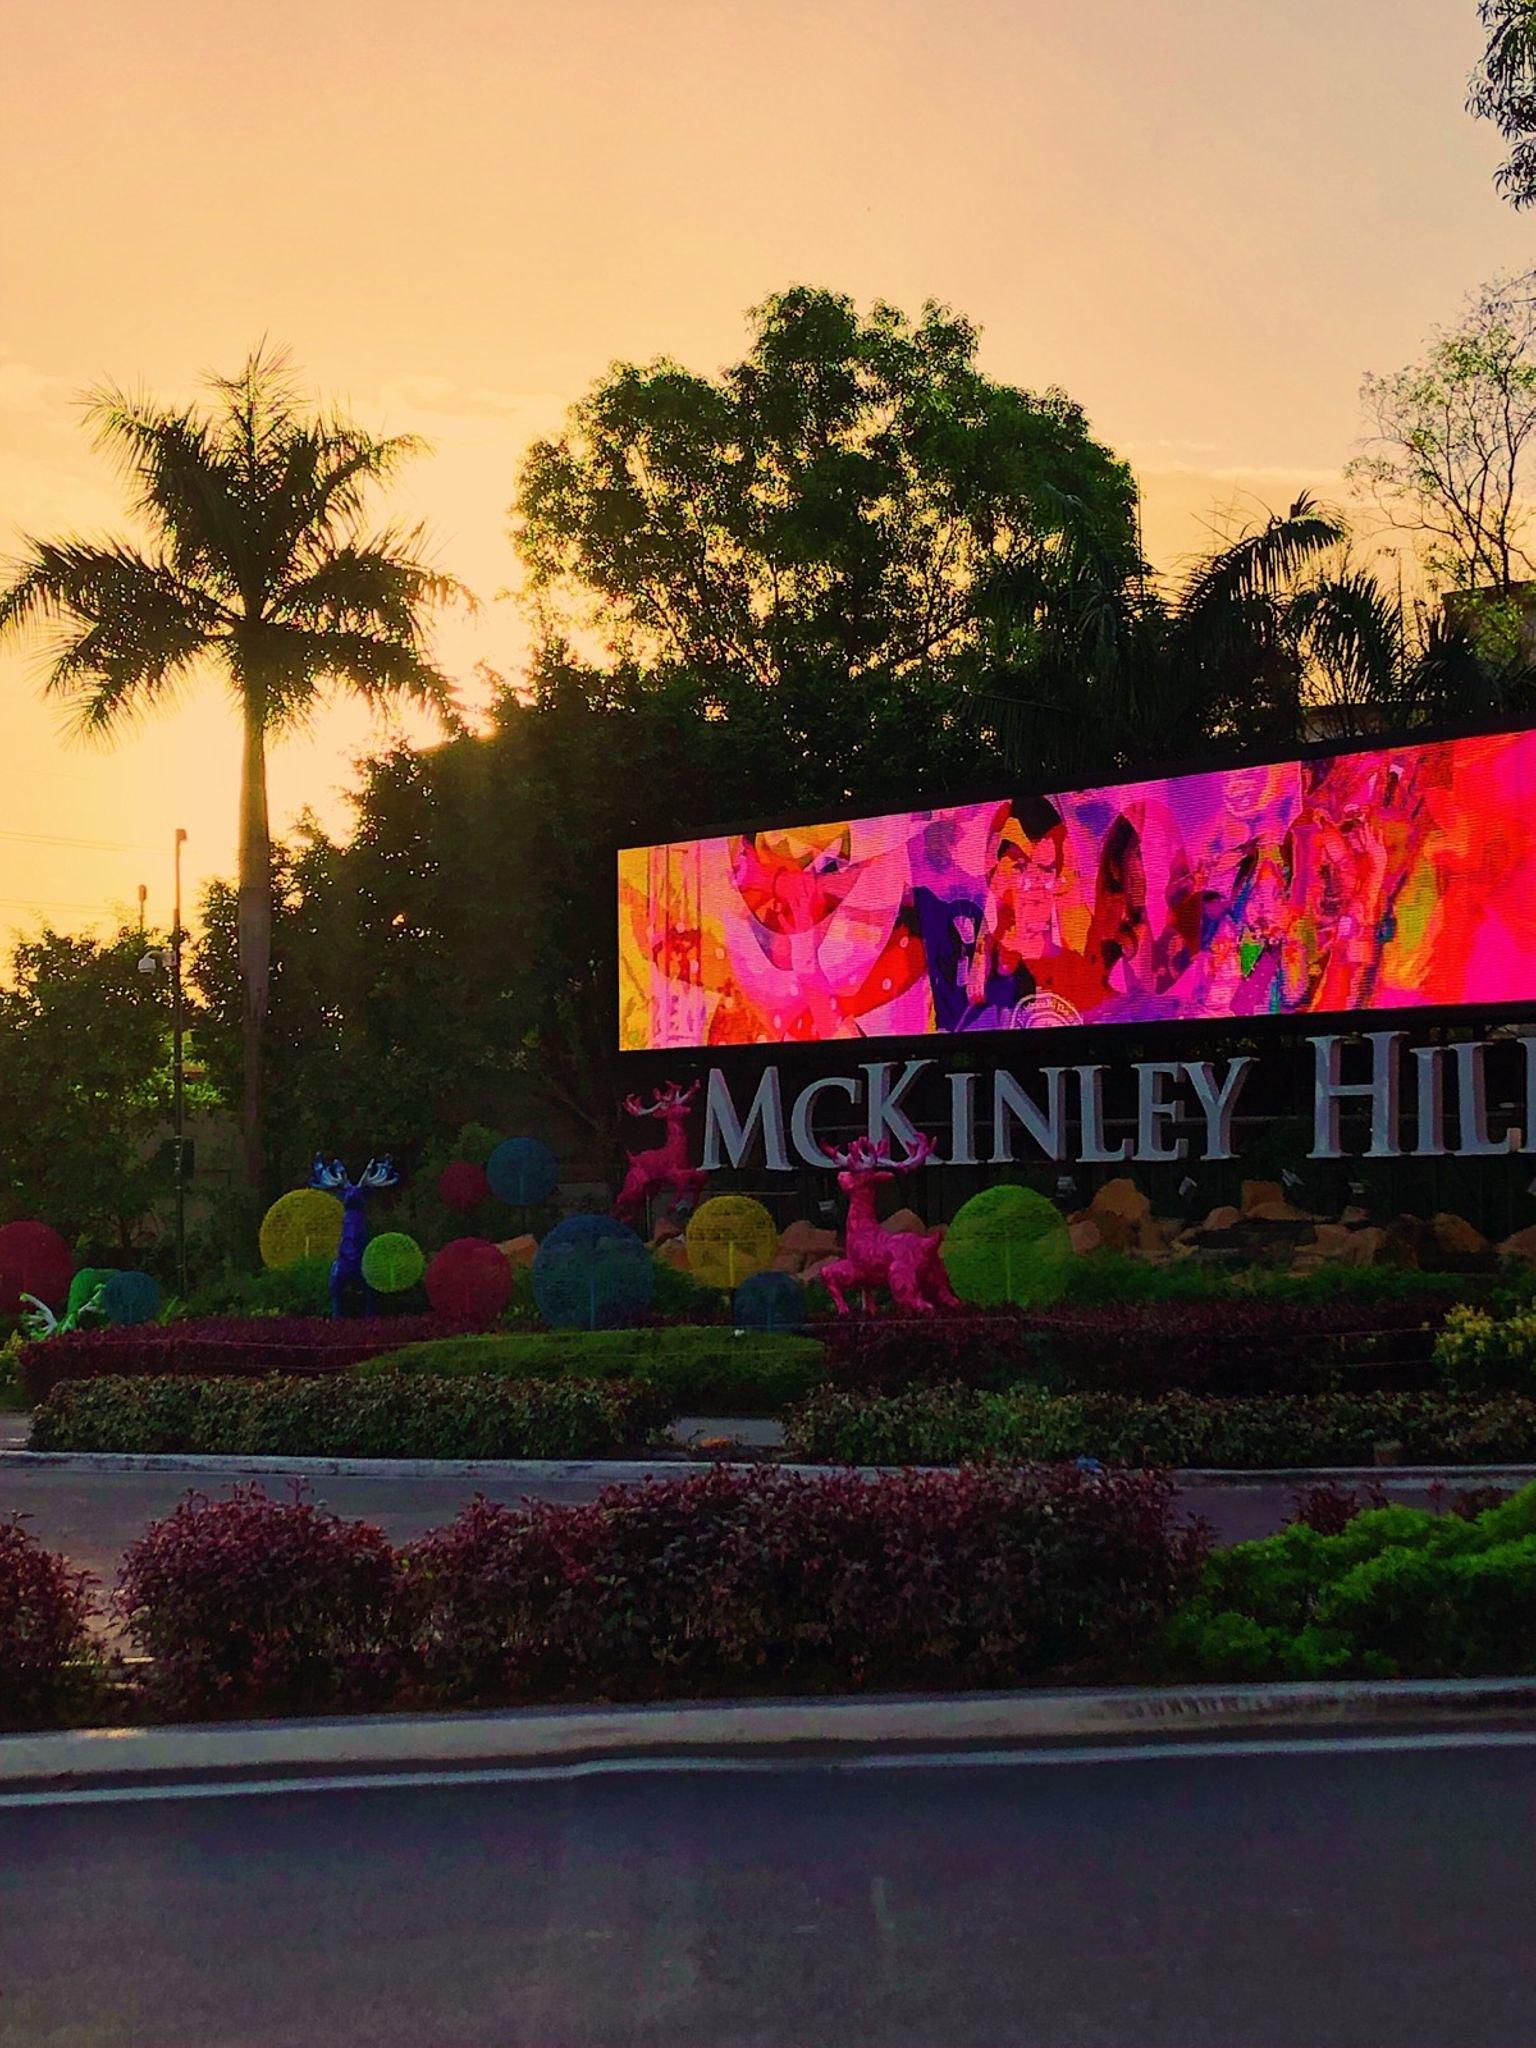 Running in McKinley Hill - 7 am